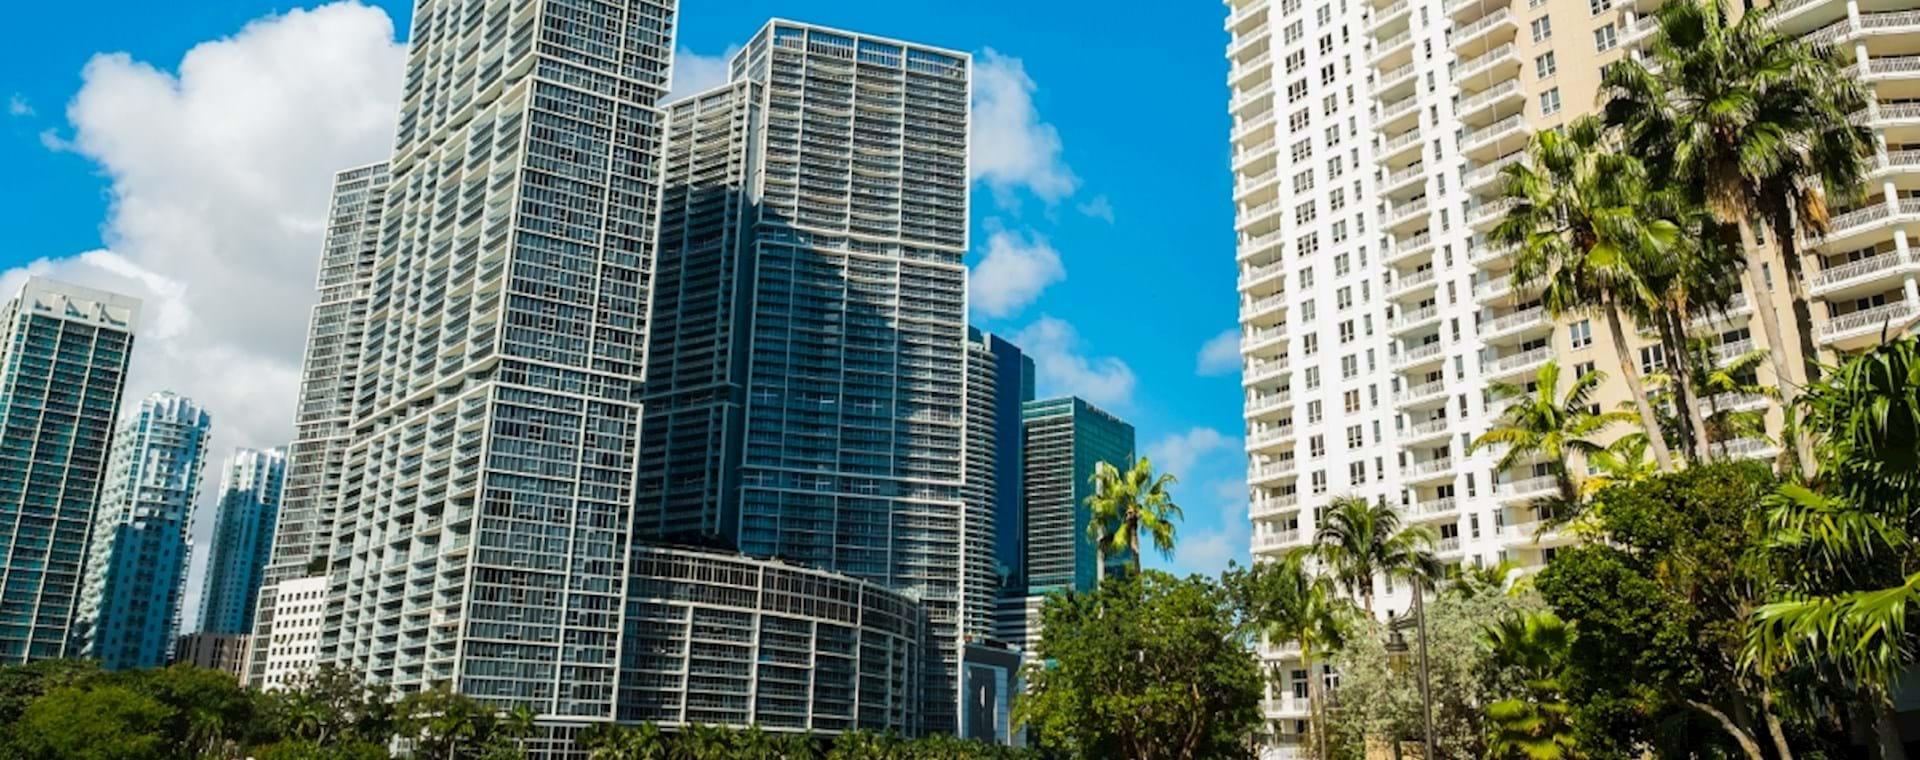 Walk path in Miami